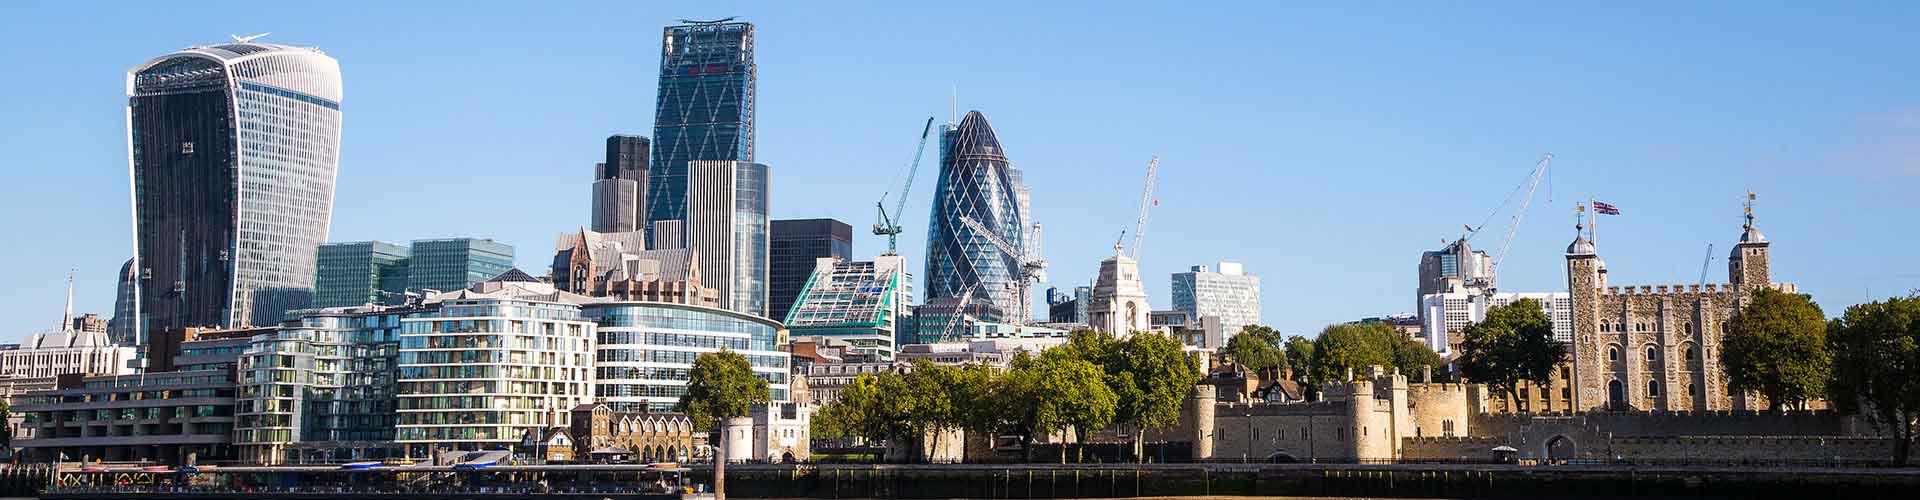 런던 - City Center에 가까운 호텔. 런던의 지도, 런던에 위치한 호텔에 대한 사진 및 리뷰.